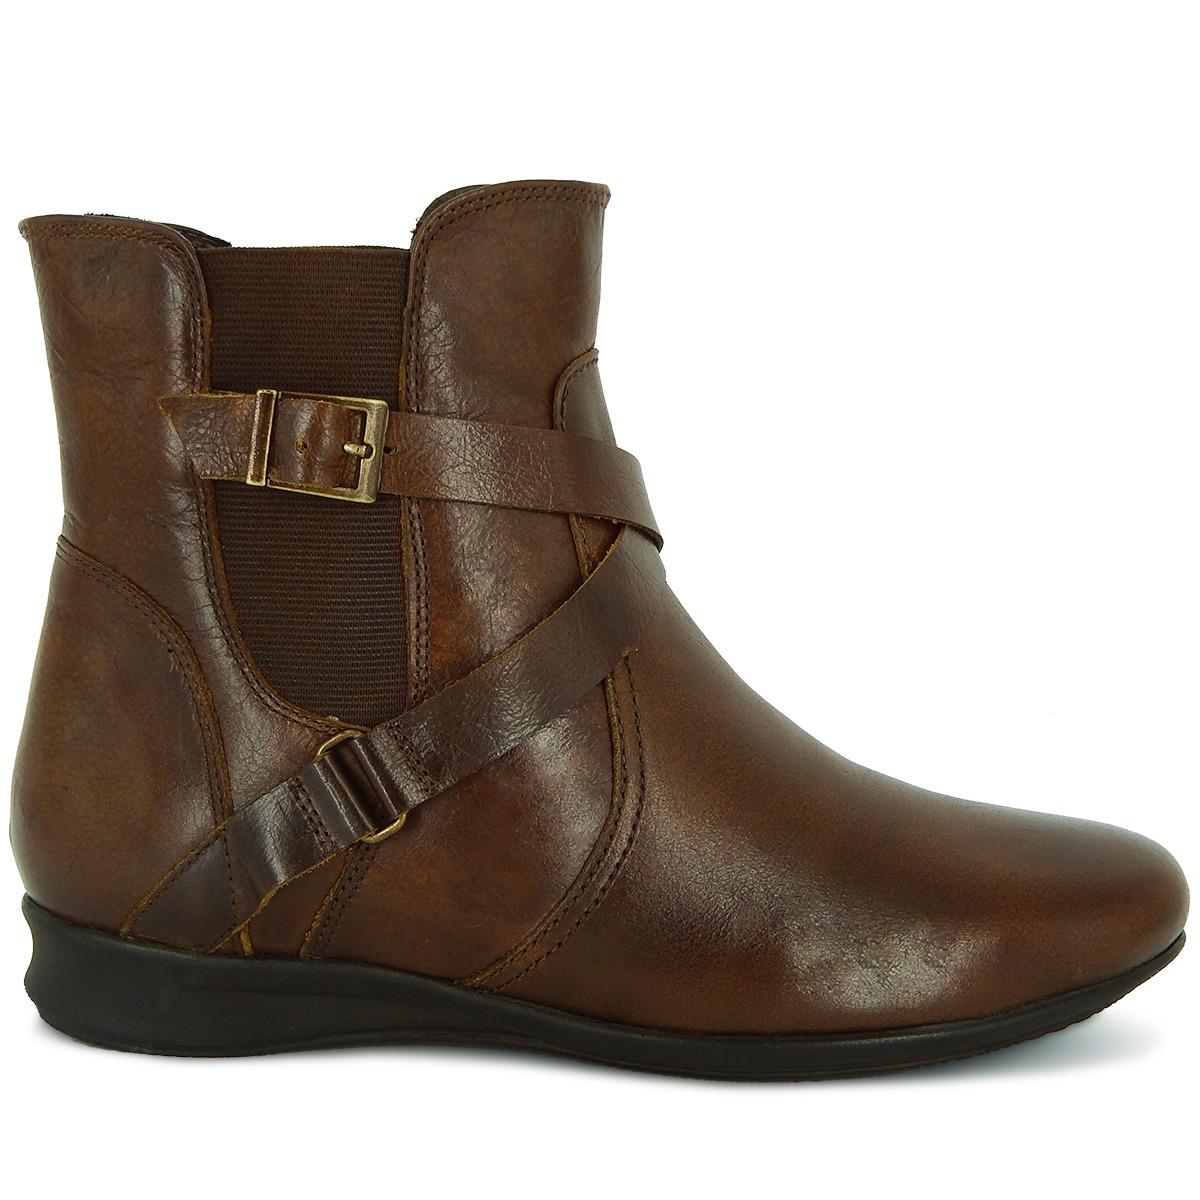 6268cc0f39 bota cano curto feminina em couro legitimo soft caramelo art. Carregando  zoom.